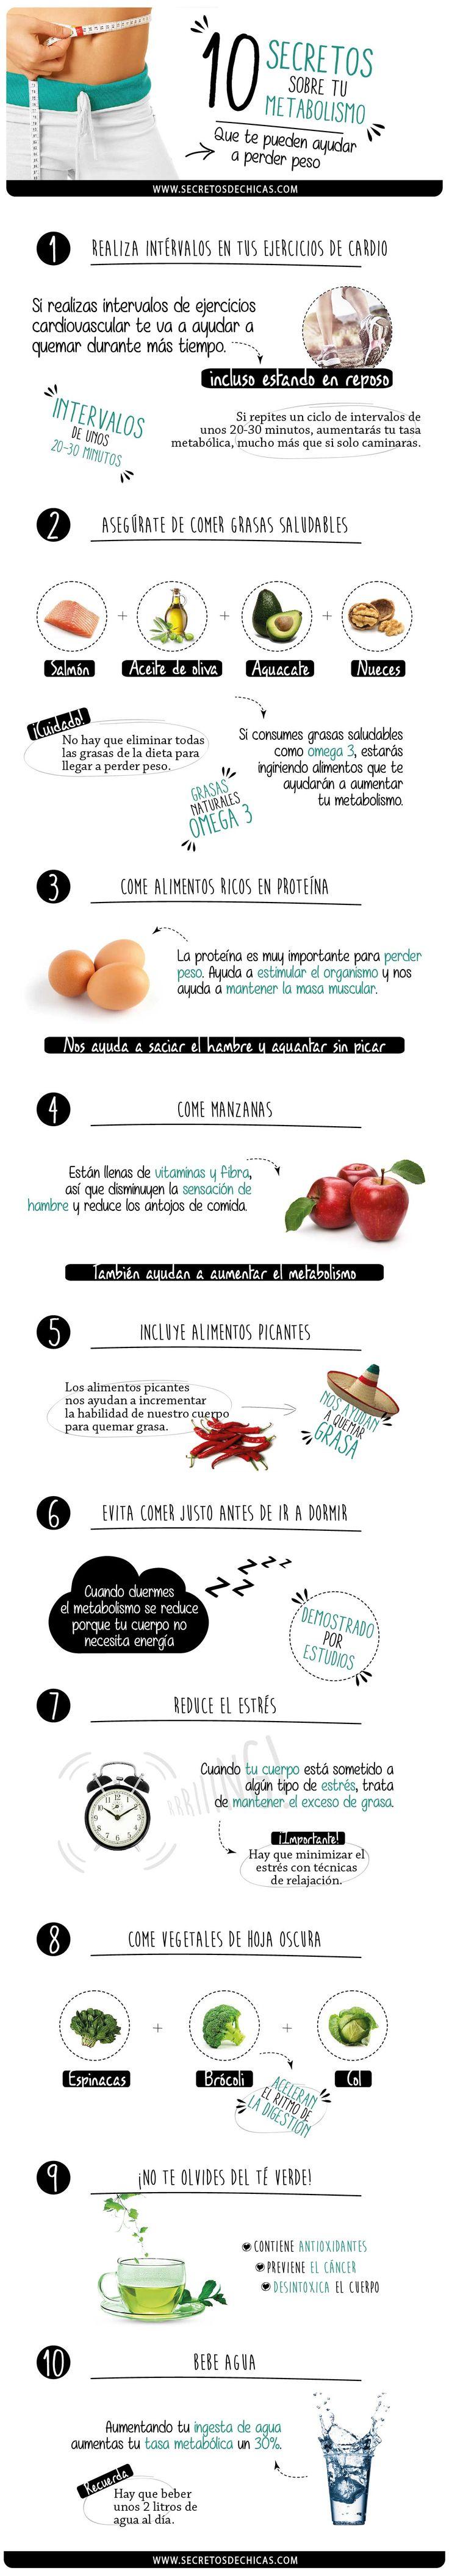 Secretos metabolismo